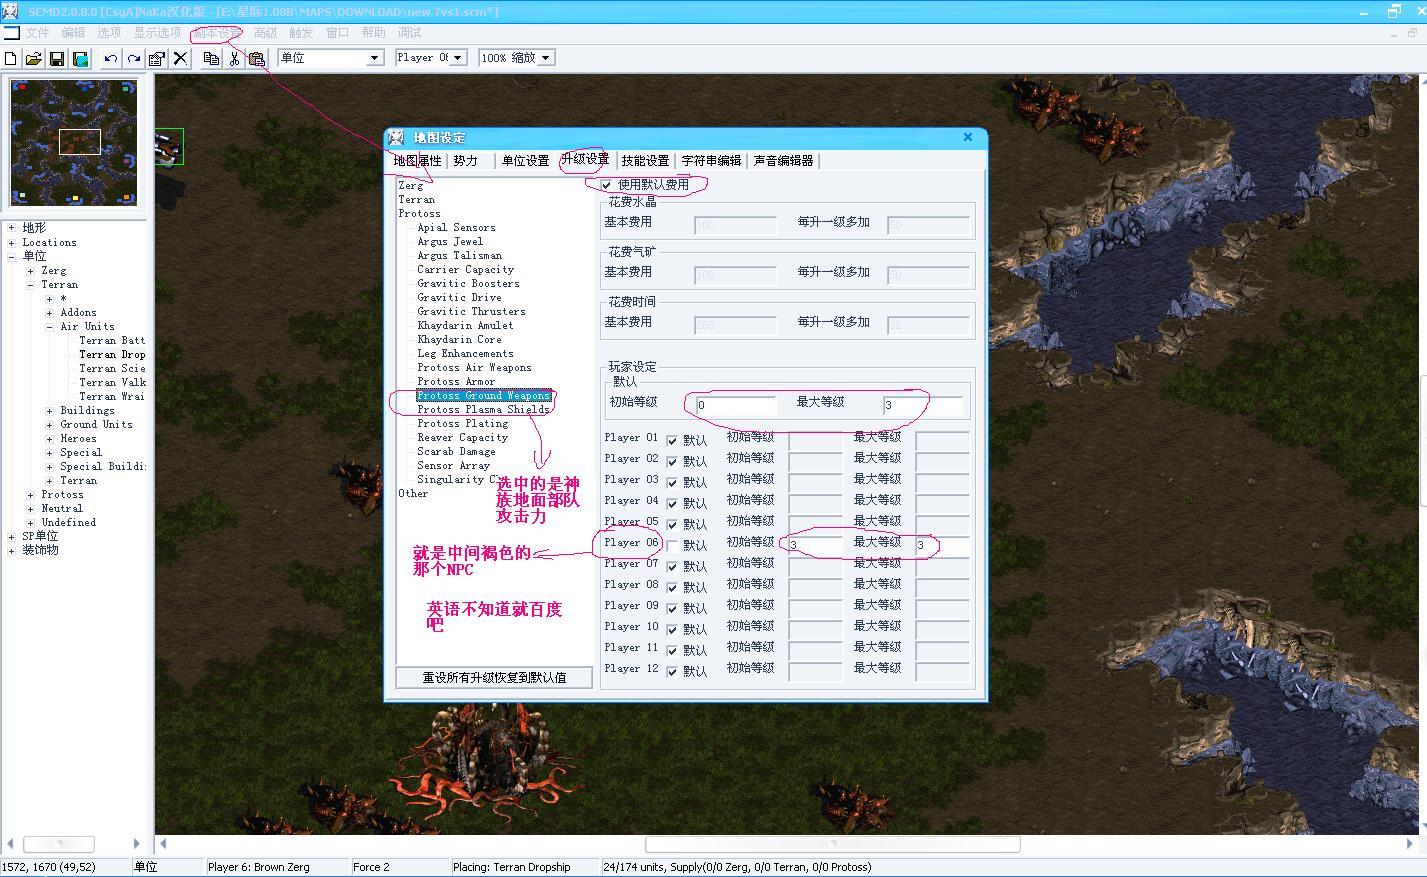 如何调整星际争霸npc地图7vs1里每波npc的防御和攻击